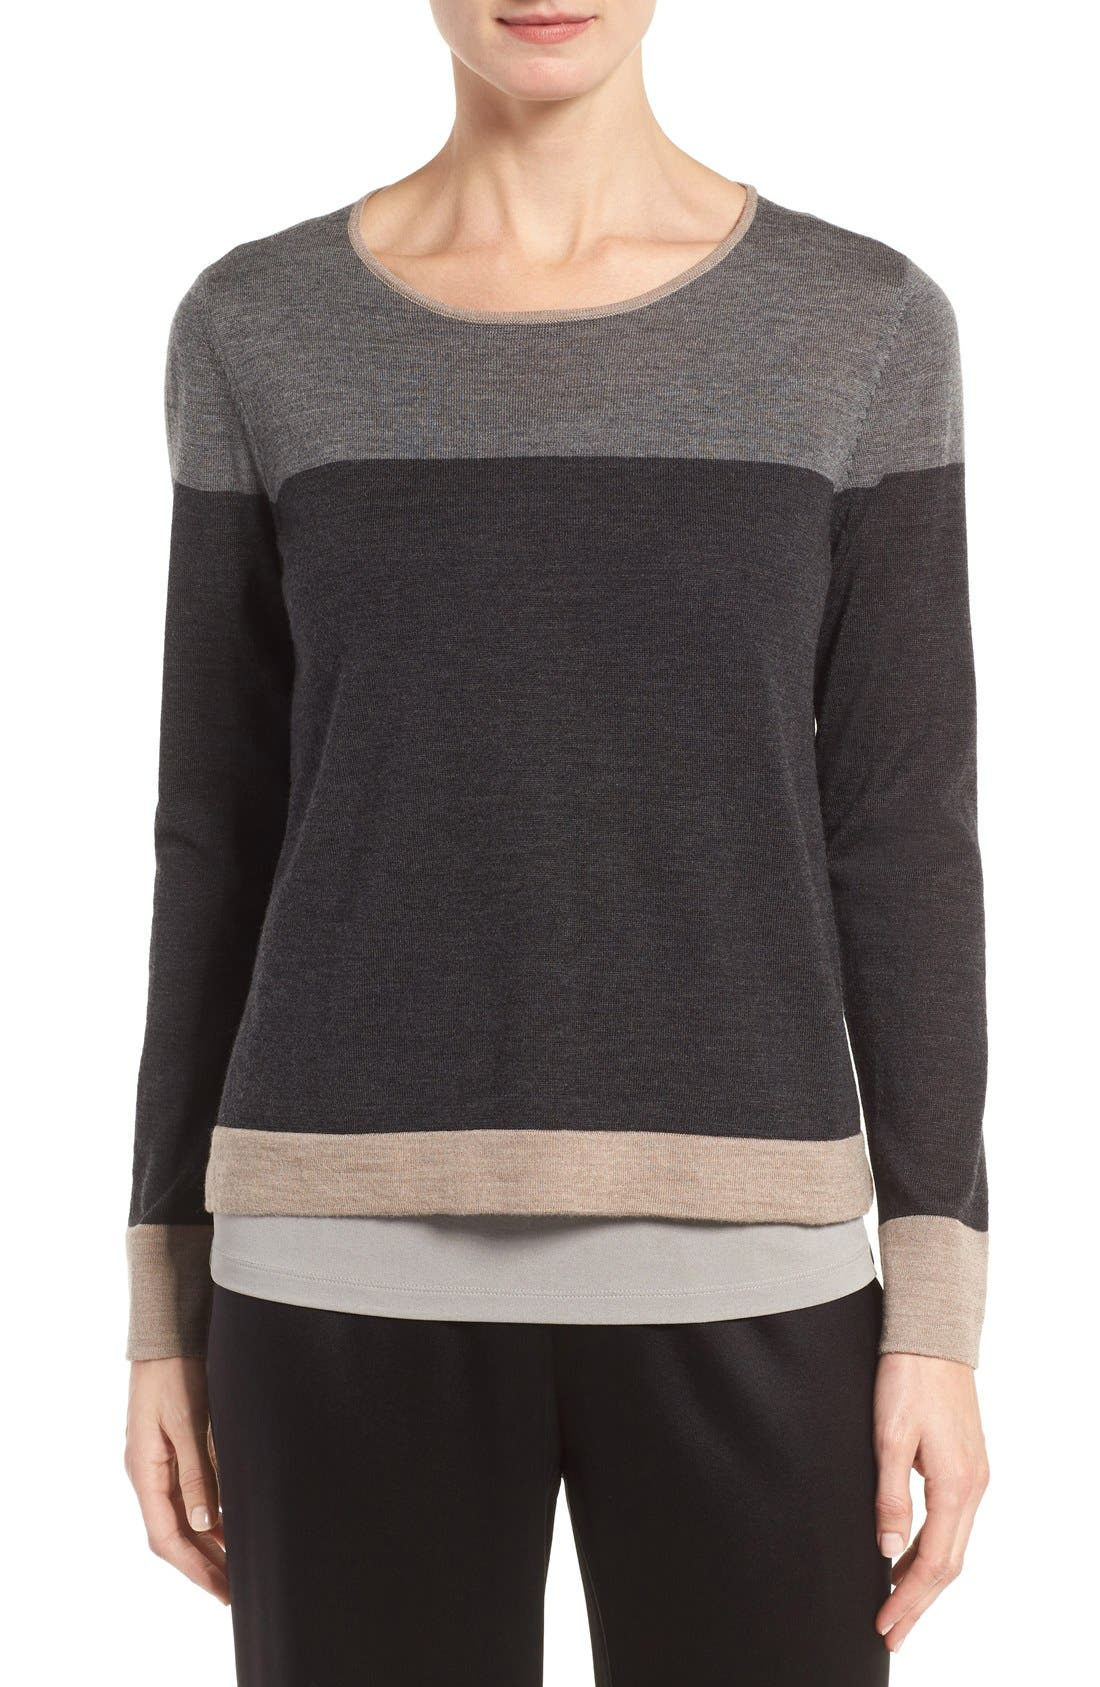 Main Image - Eileen Fisher Colorblock Merino Wool Sweater (Regular & Petite)